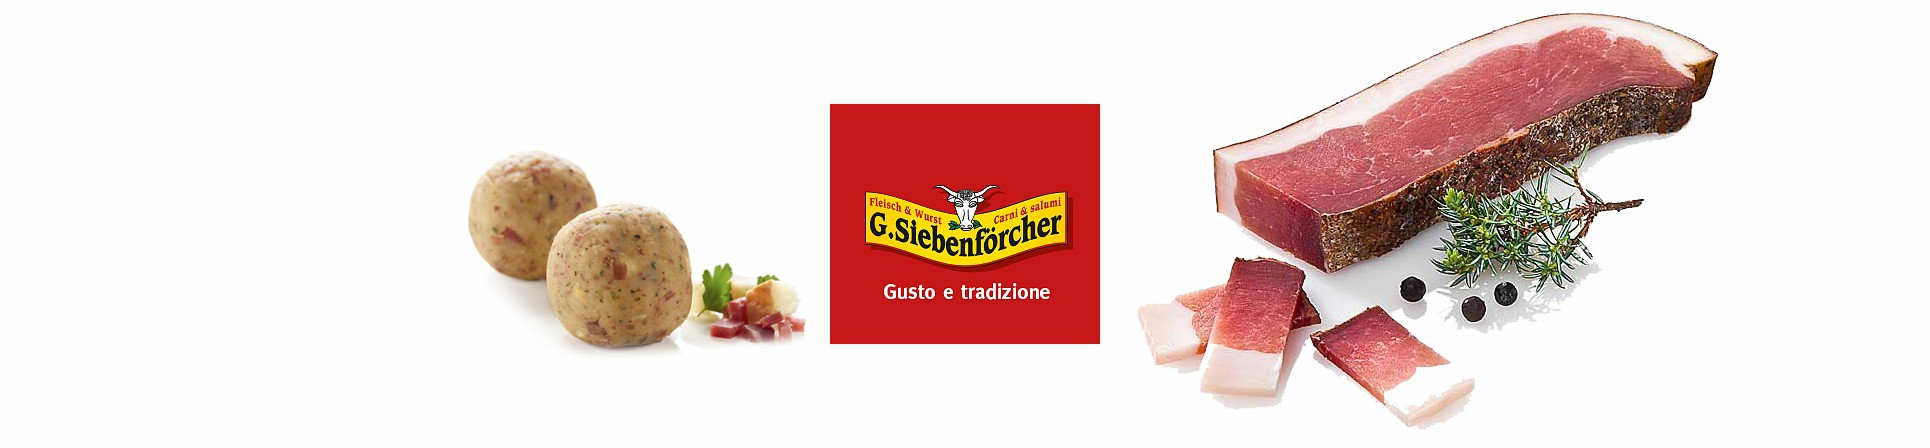 B2B GUSTOX - il Marketplace all'ingrosso delle eccellenze agroalimentari italiane